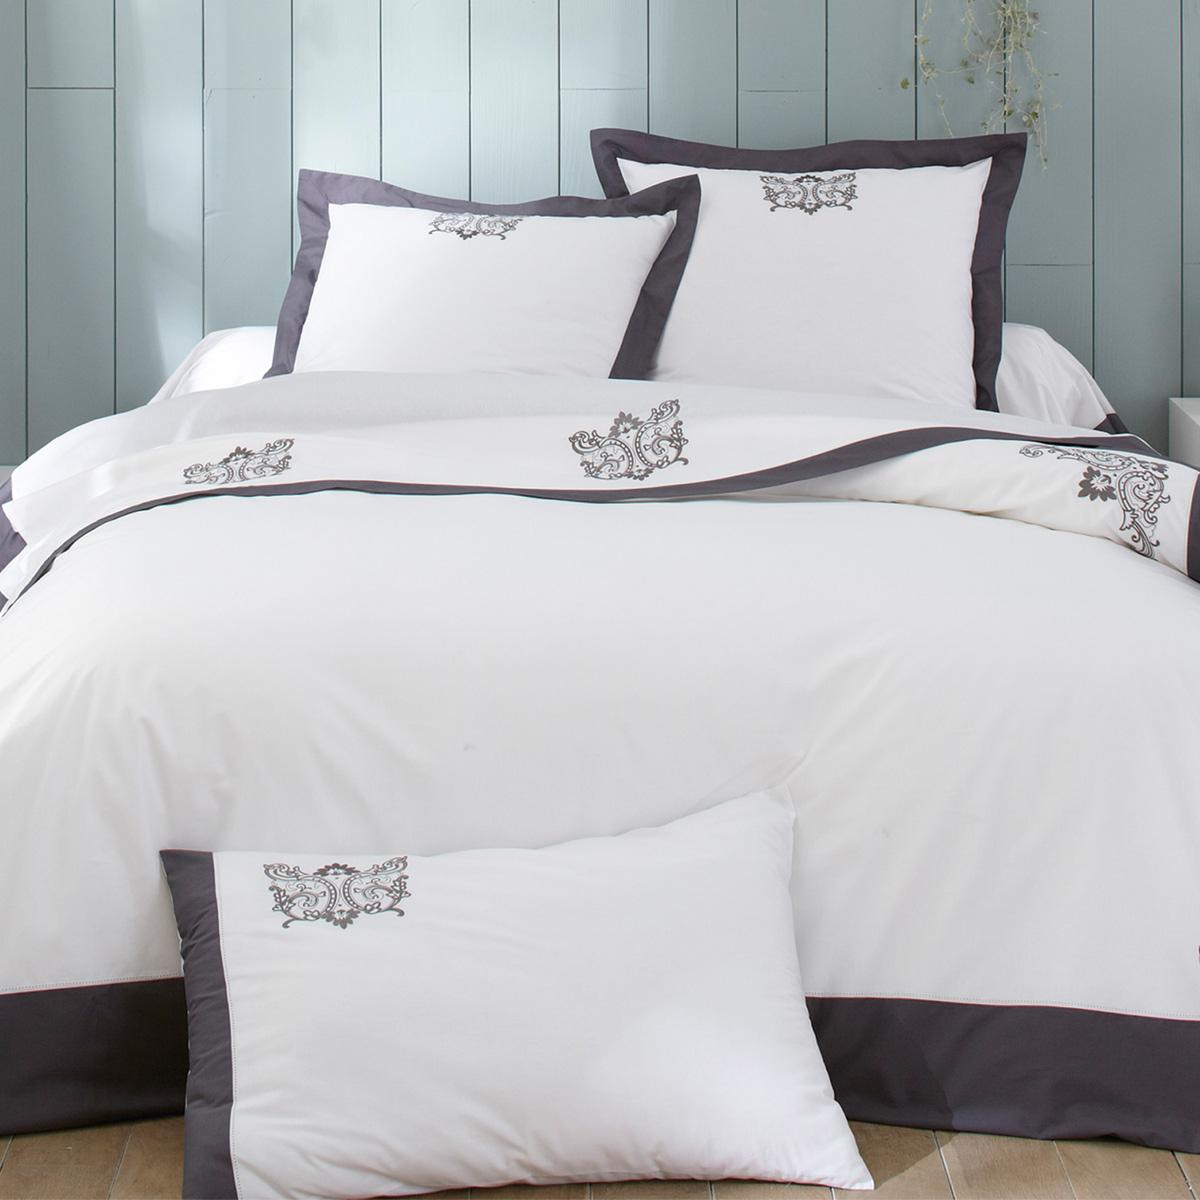 parure de lit bouddha free parrure de lit parure drap aura couleur blanc gris taille bebe. Black Bedroom Furniture Sets. Home Design Ideas